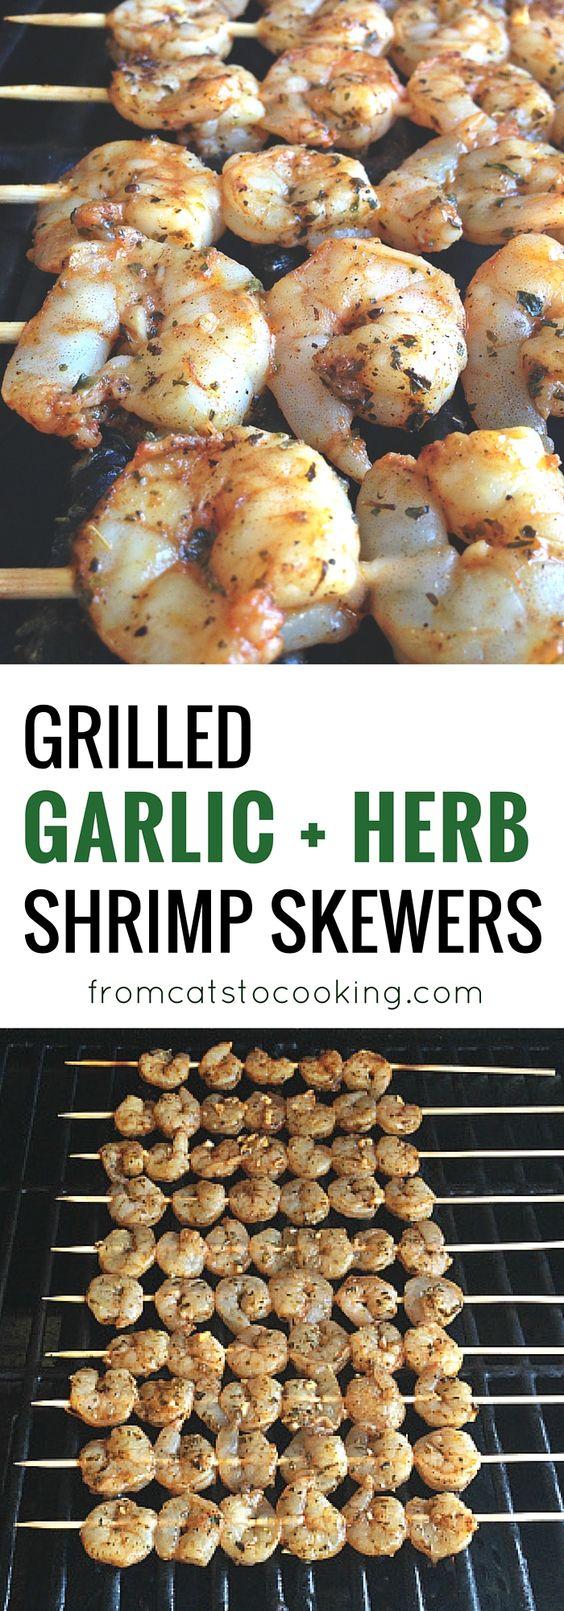 Grilled Garlic Herb Shrimp Skewers | Recipe | Shrimp Skewers, Skewer ...